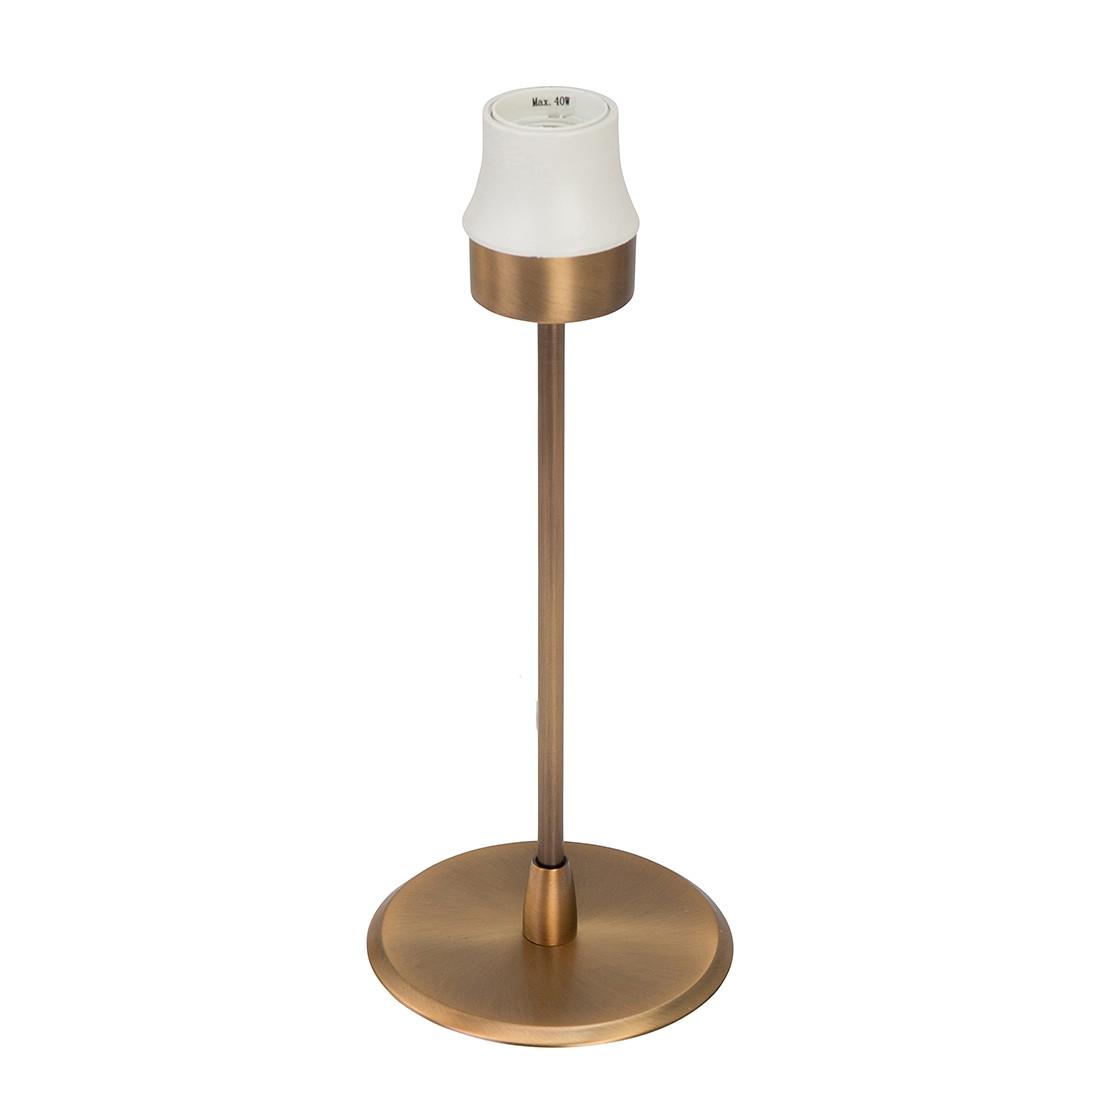 Touch-Tischleuchten-Armatur Gramineus 1-flammig ● Messing brüniert- Steinhauer A++